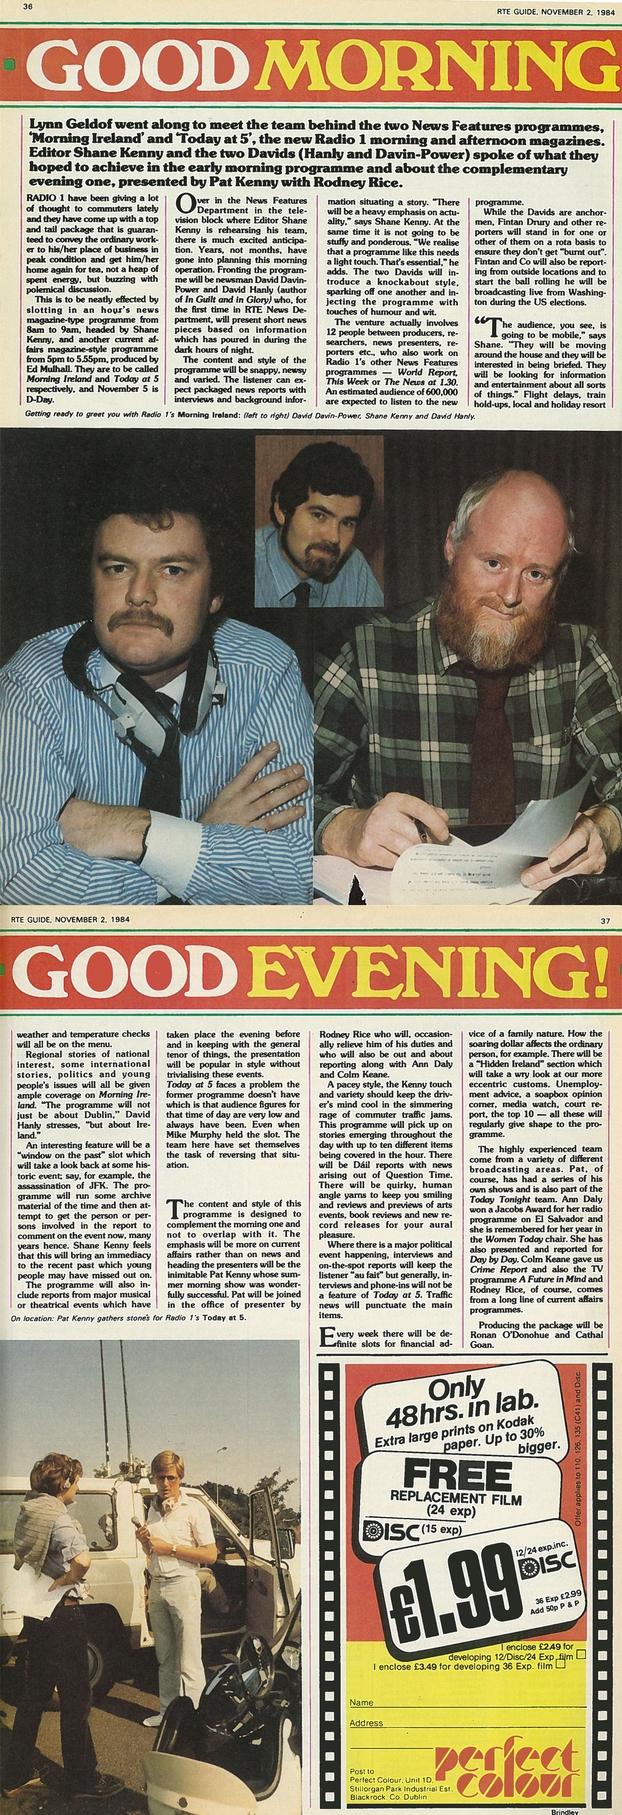 Morning Ireland RTÉ Guide 02/11/1984